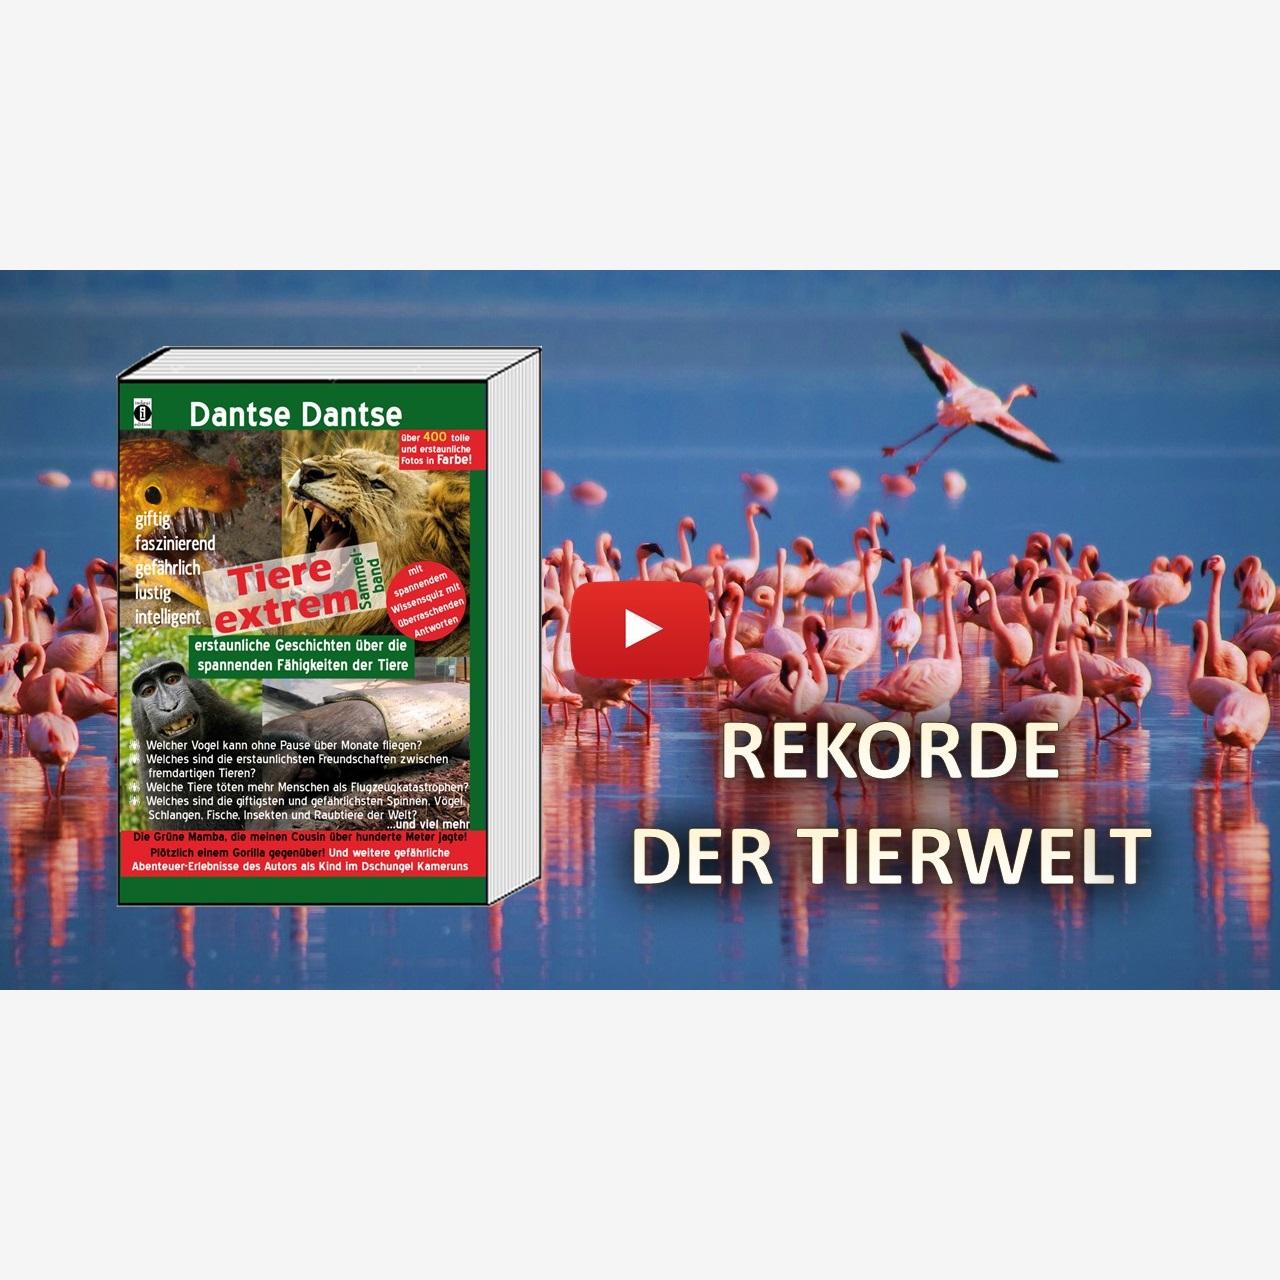 """Spannende Rekorde der Tierwelt – """"Tiere Extrem"""" von Dantse Dantse (Buchvorstellung) – indayi edition"""